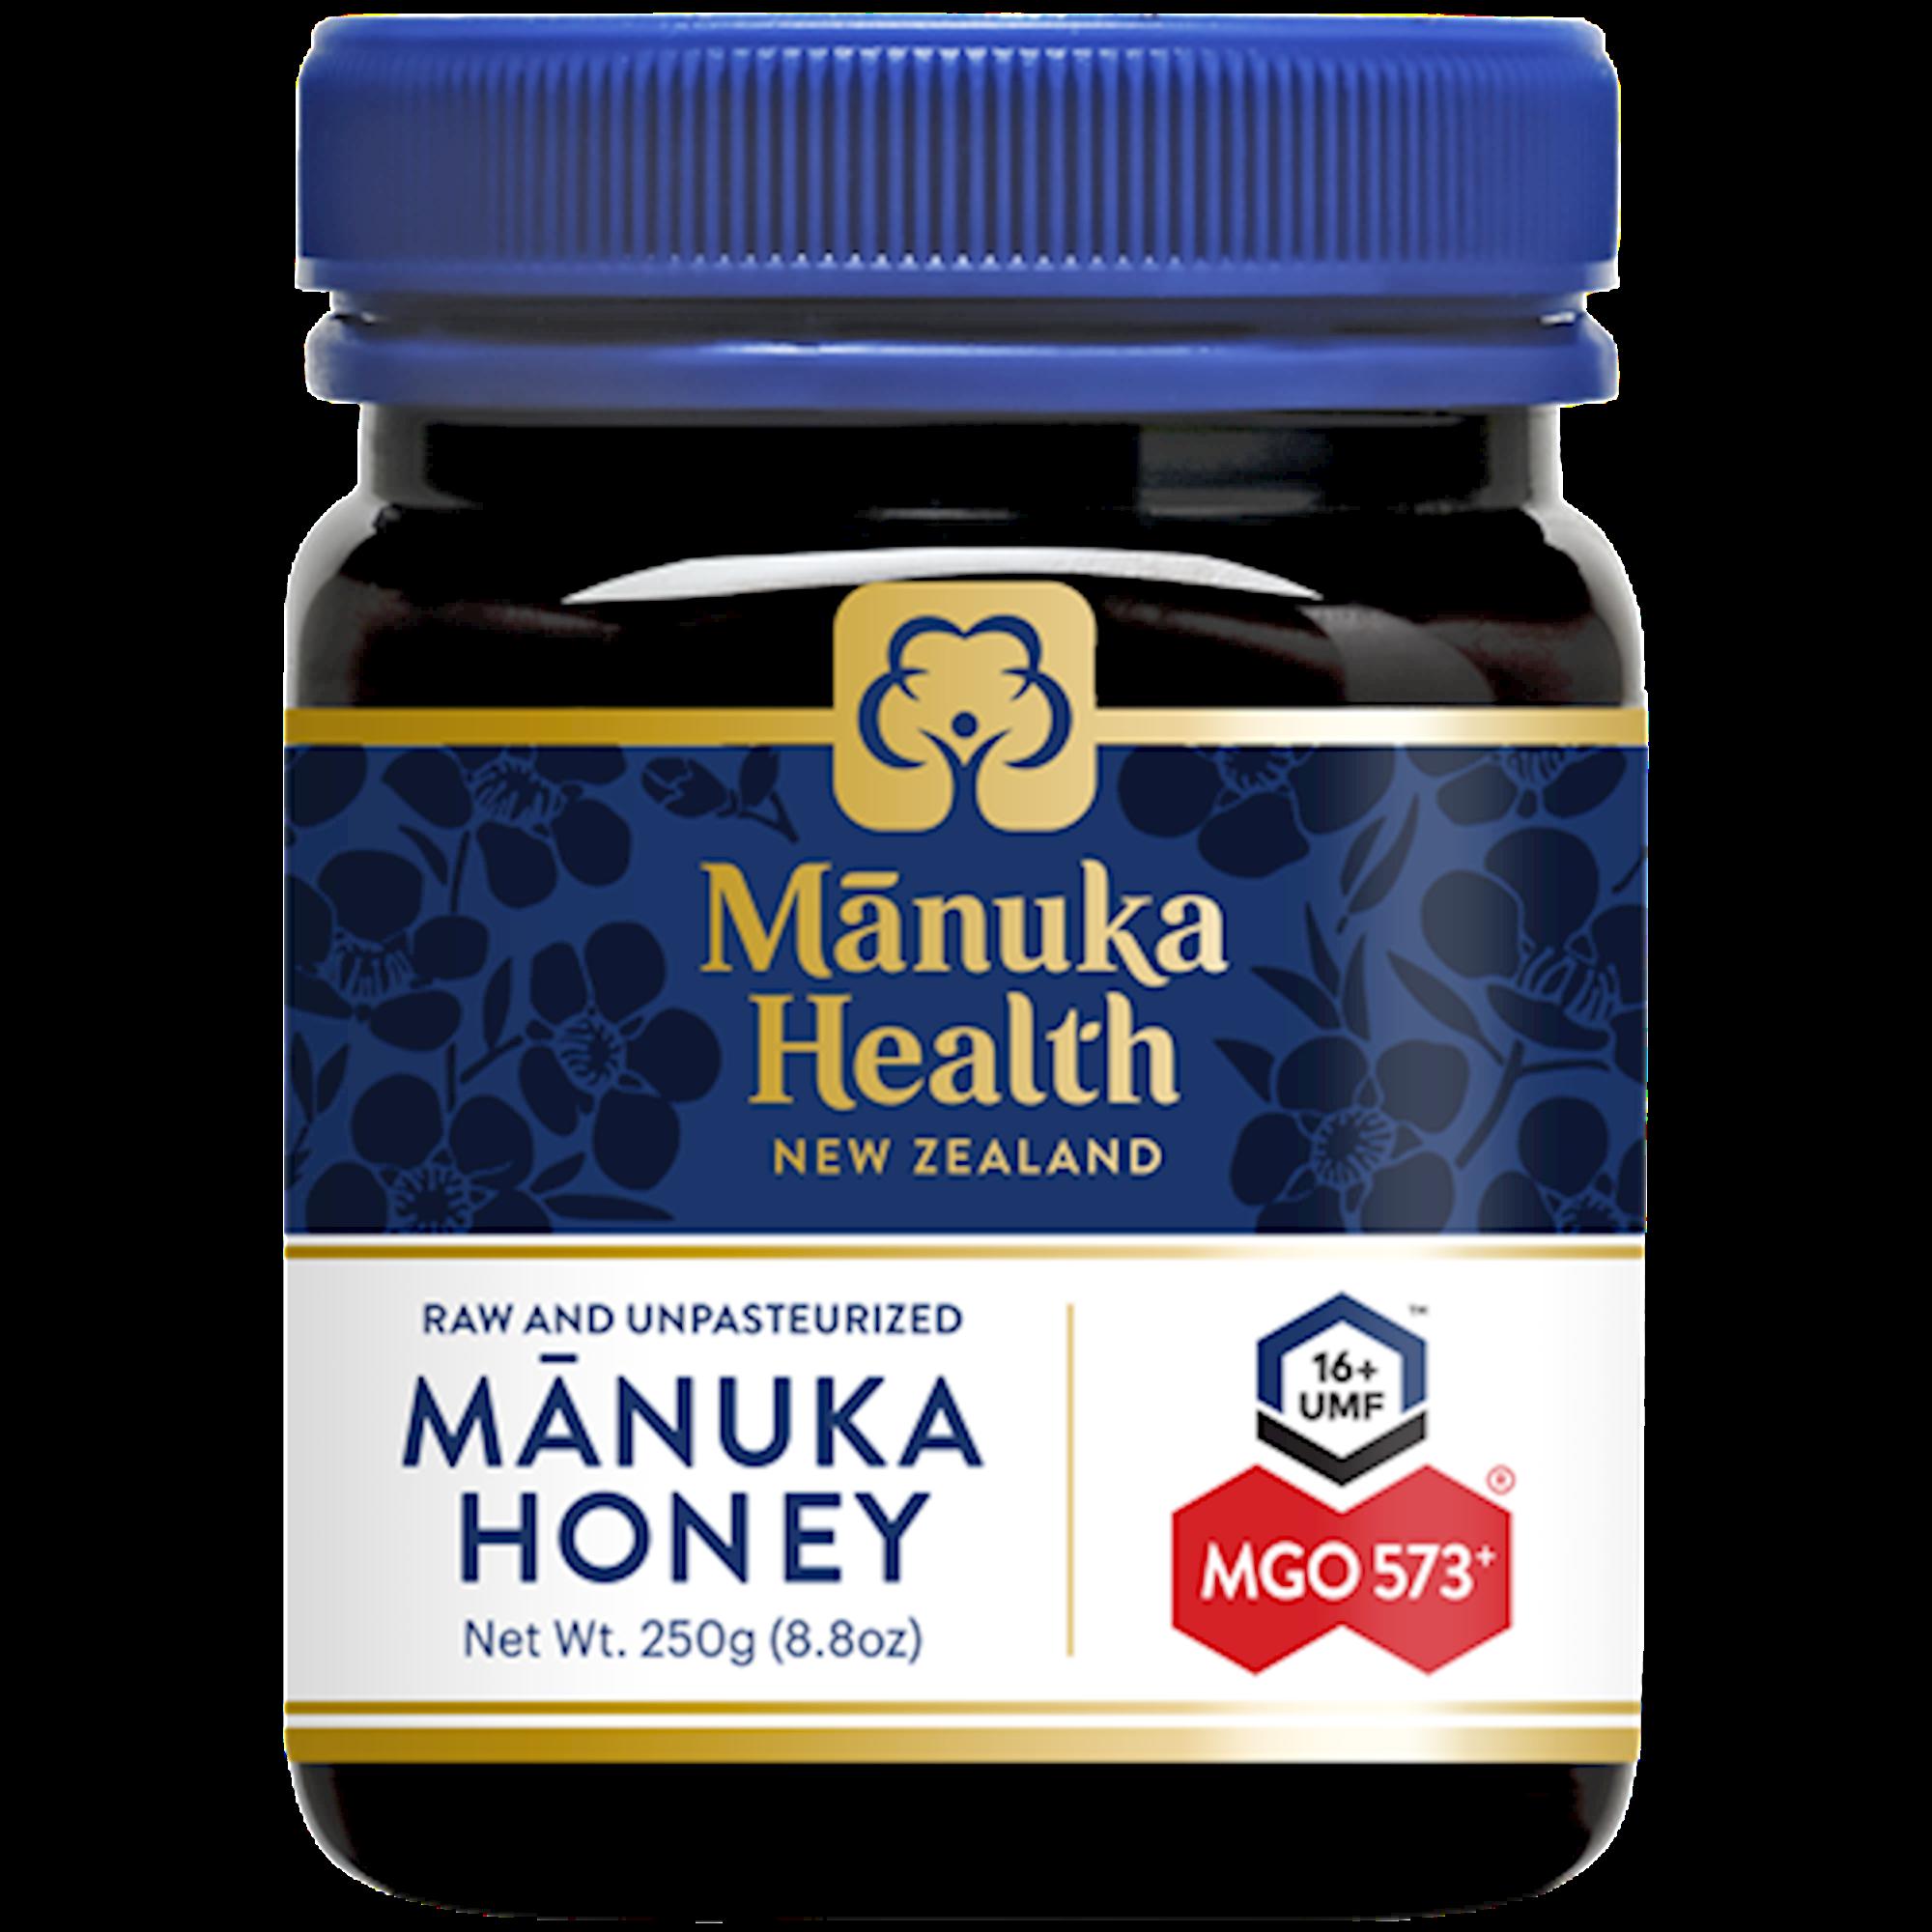 Manuka Honey 8.8 oz MGO 573+